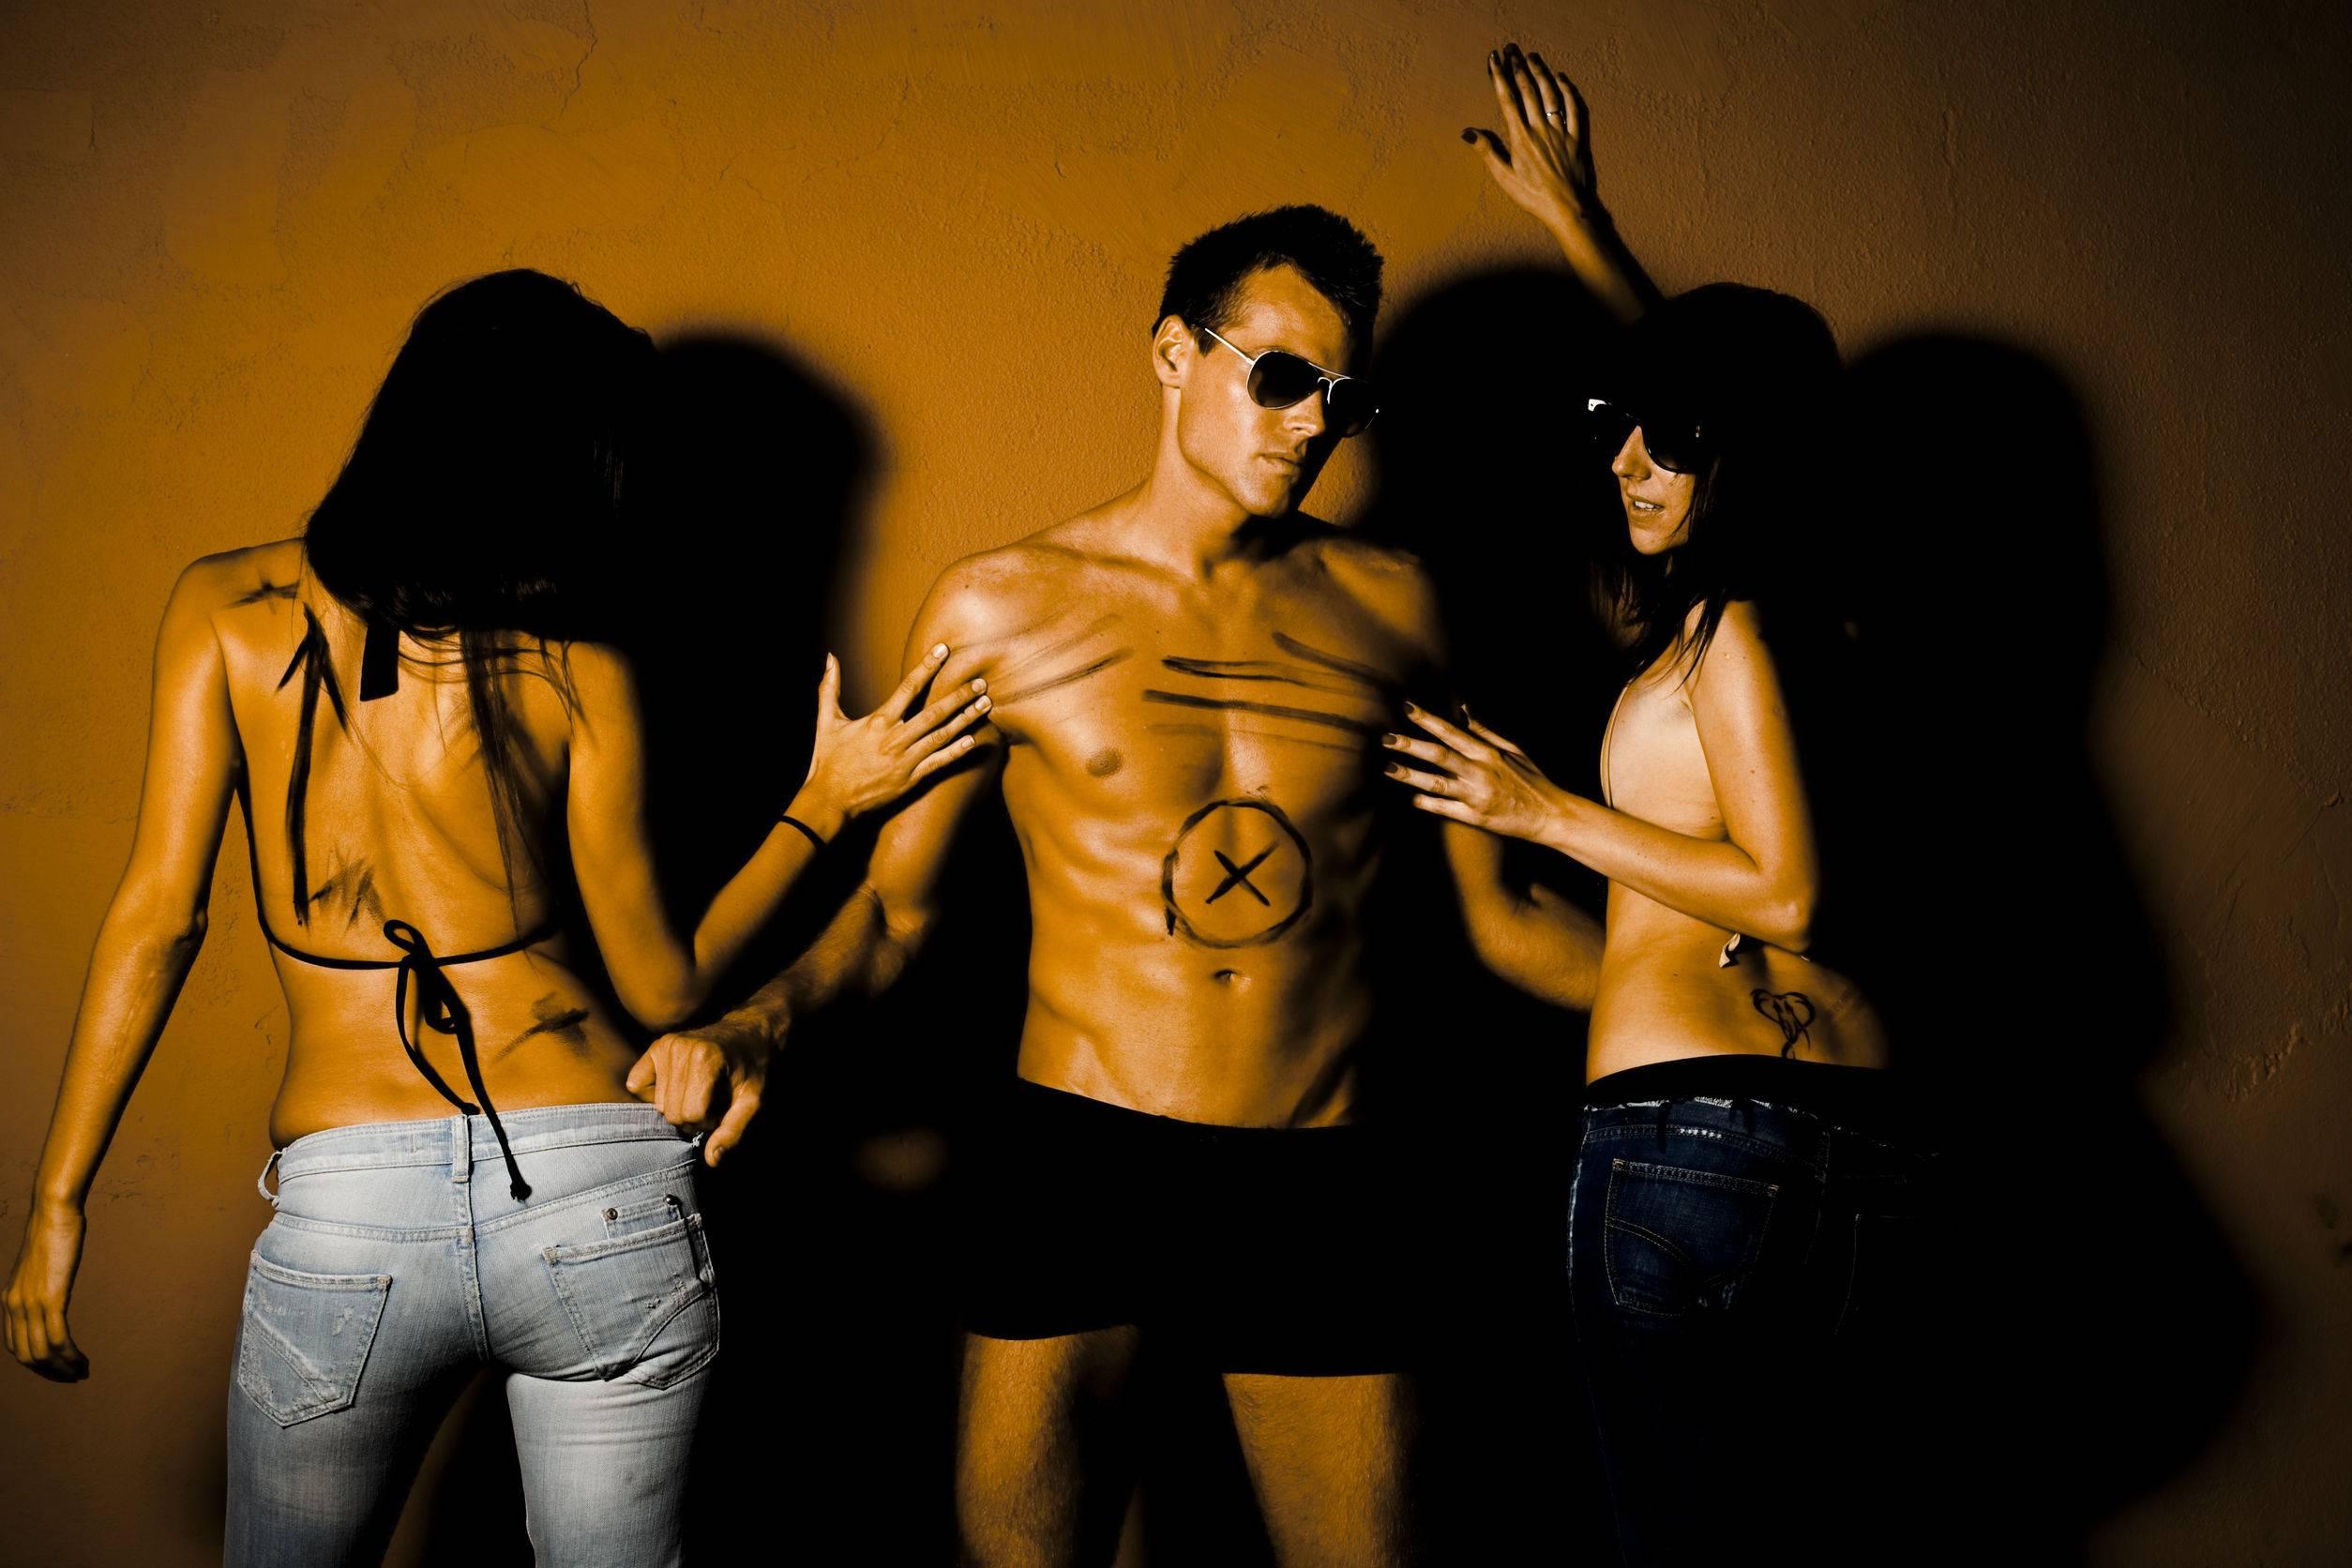 Online filmet vásárolni pornó